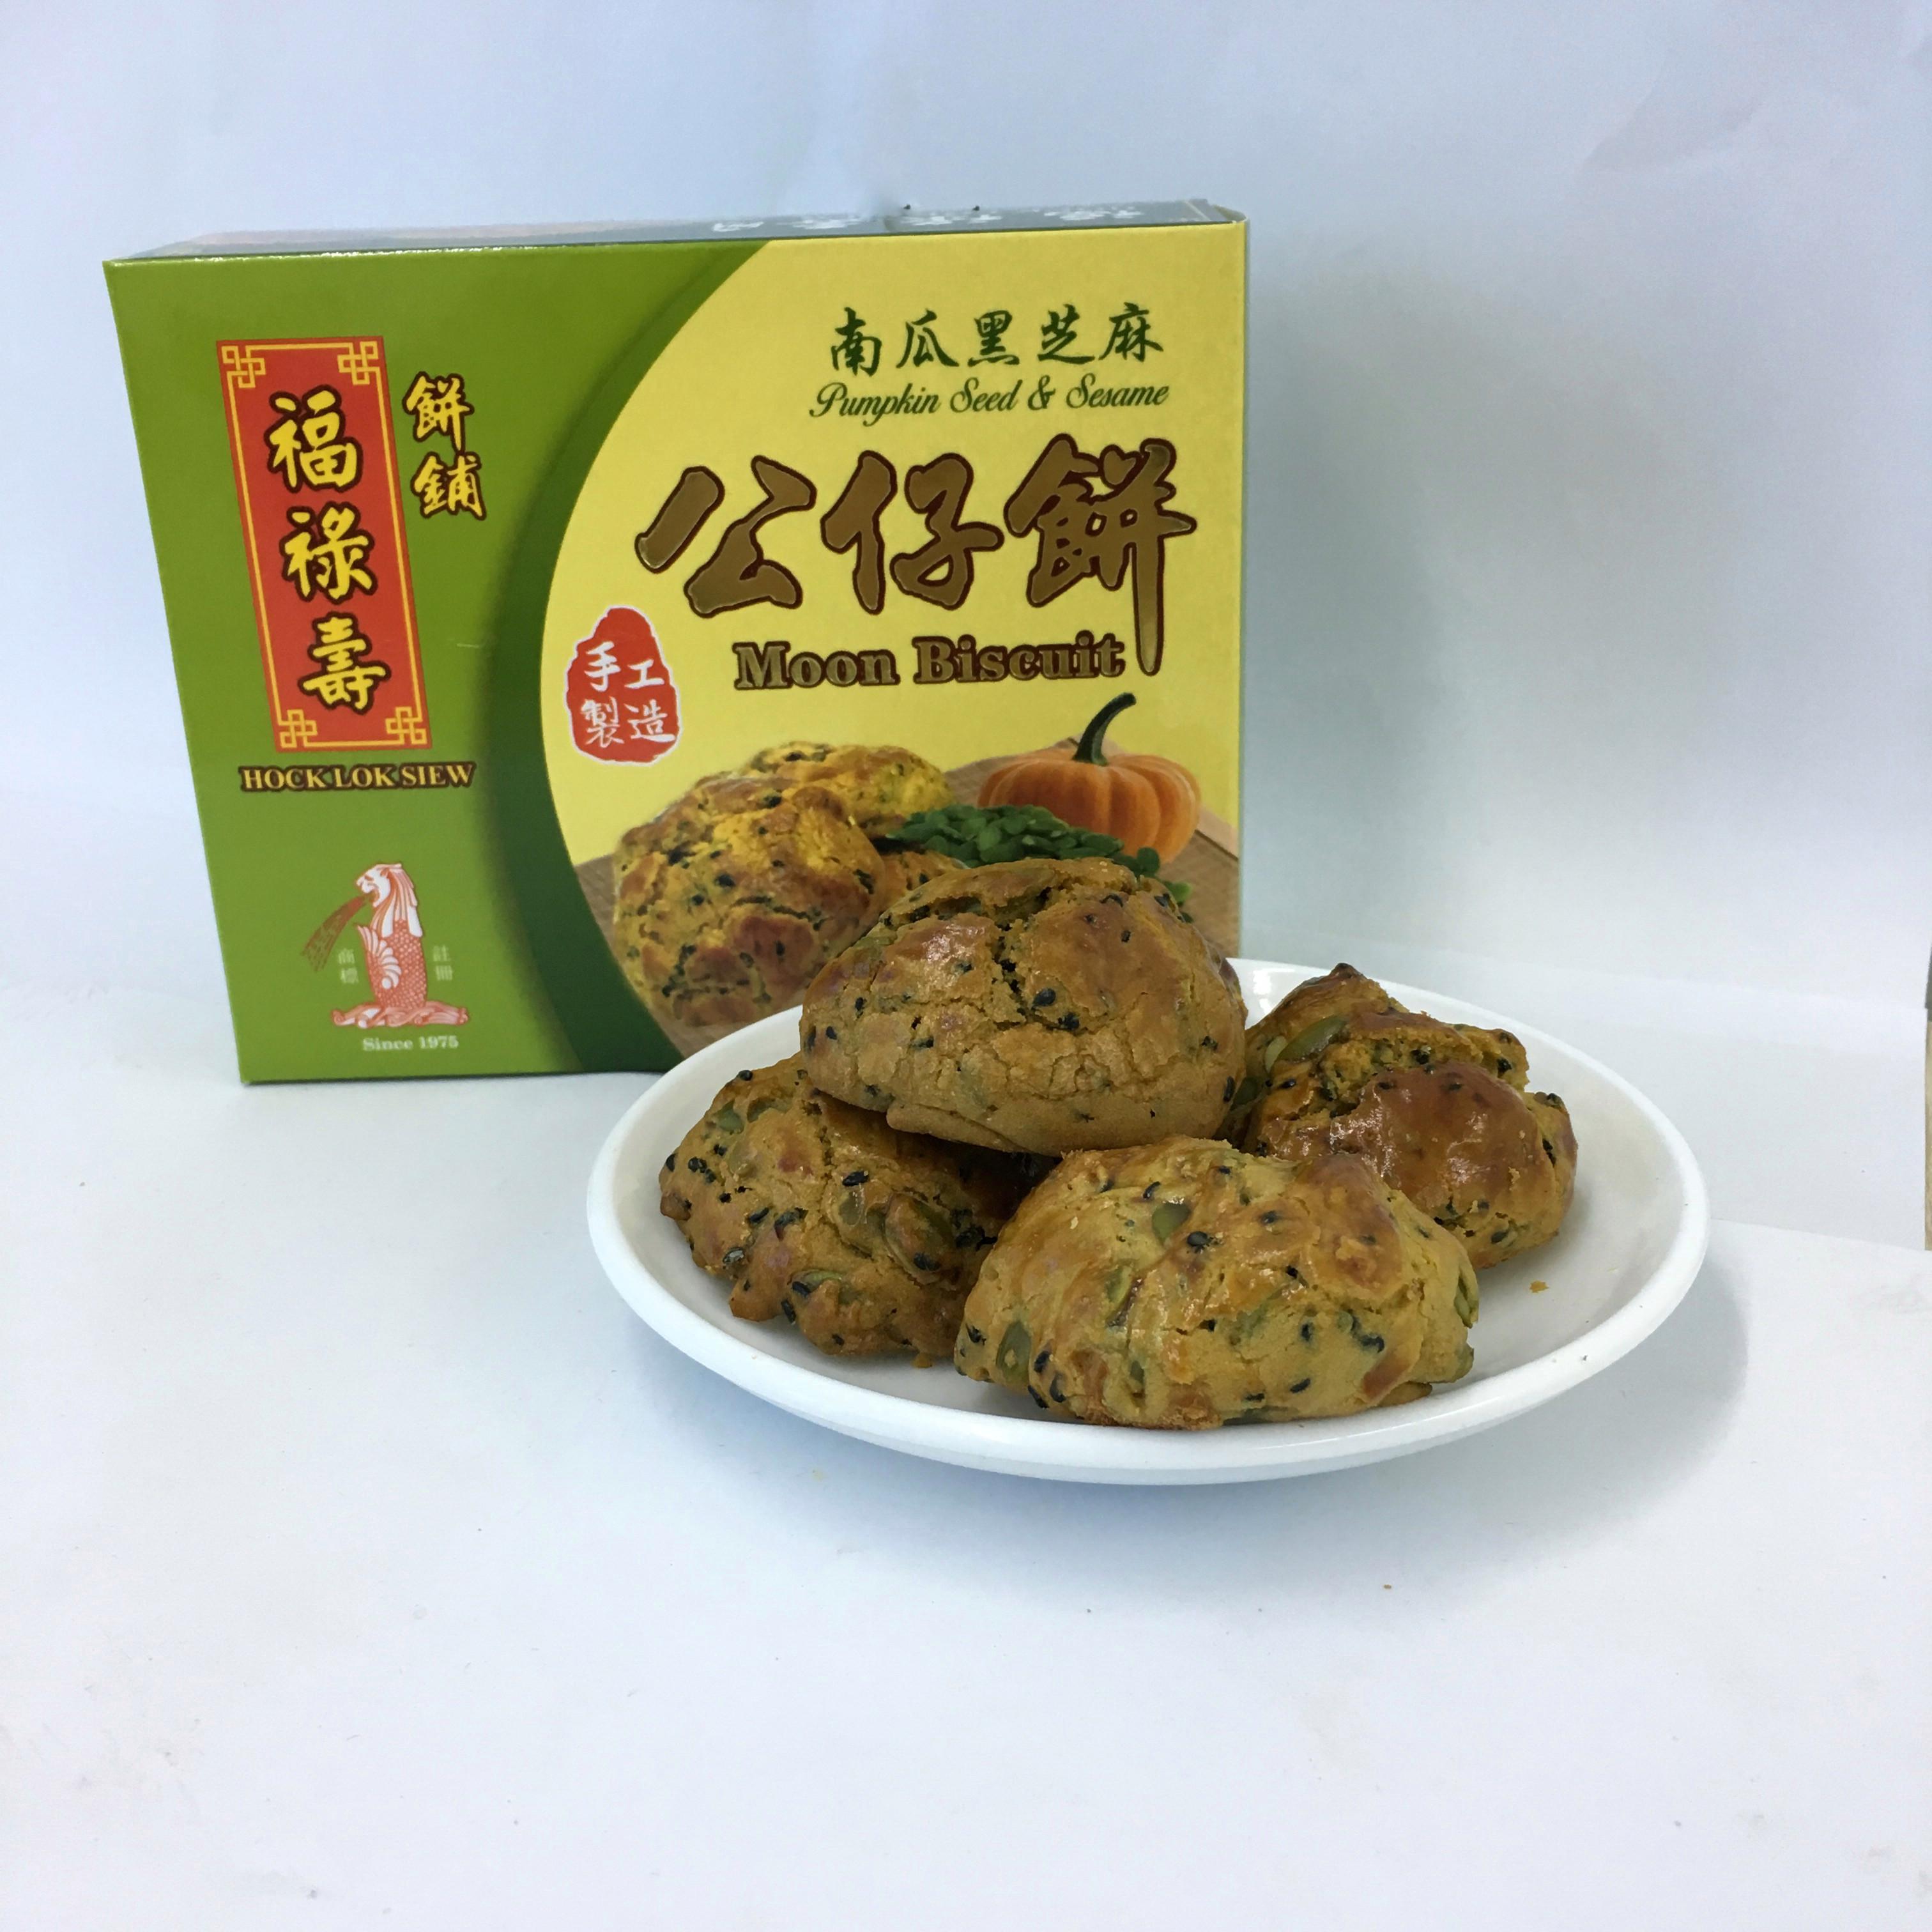 Pumpkin Seed & Sesame Moon Biscuit 南瓜黑芝麻公仔饼